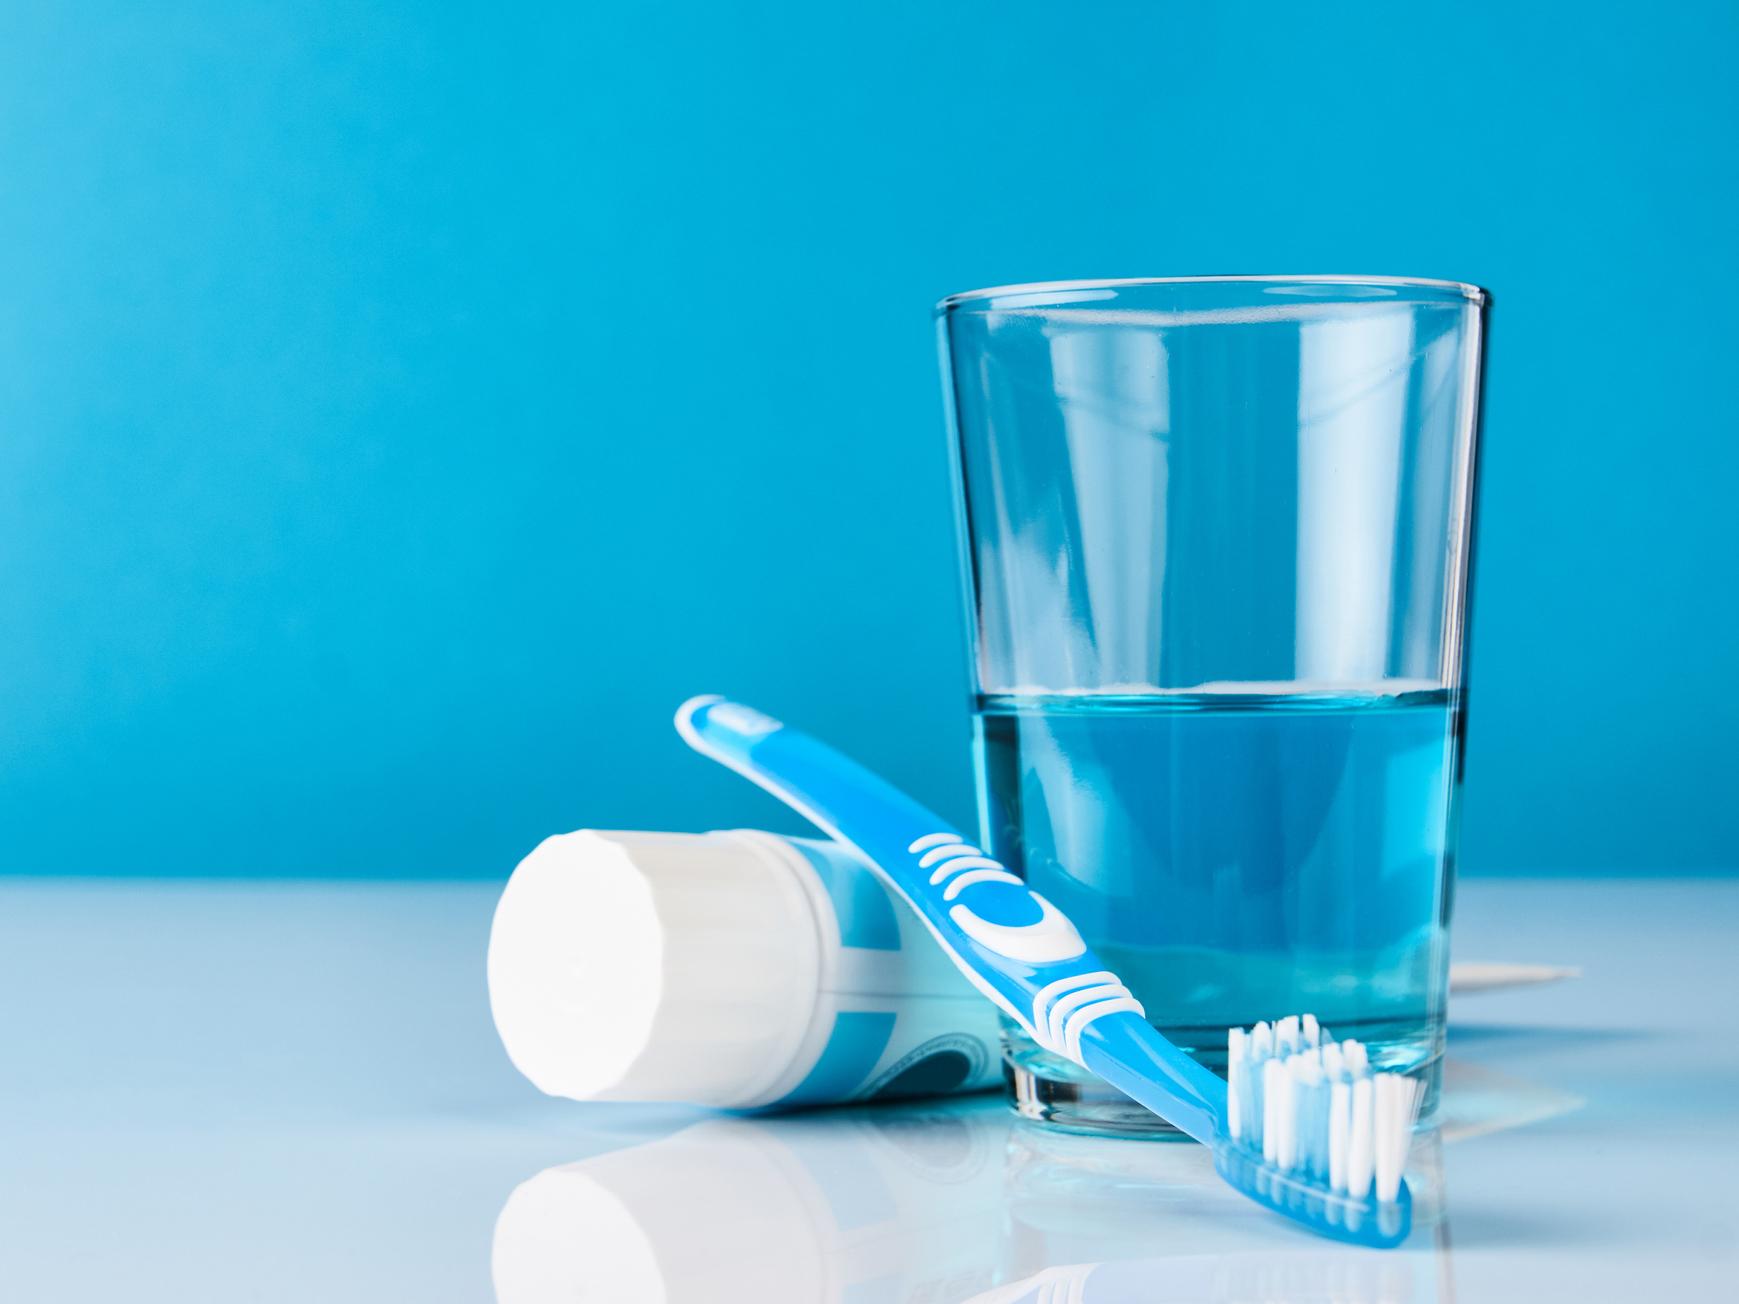 How mouthwash raises your blood pressure